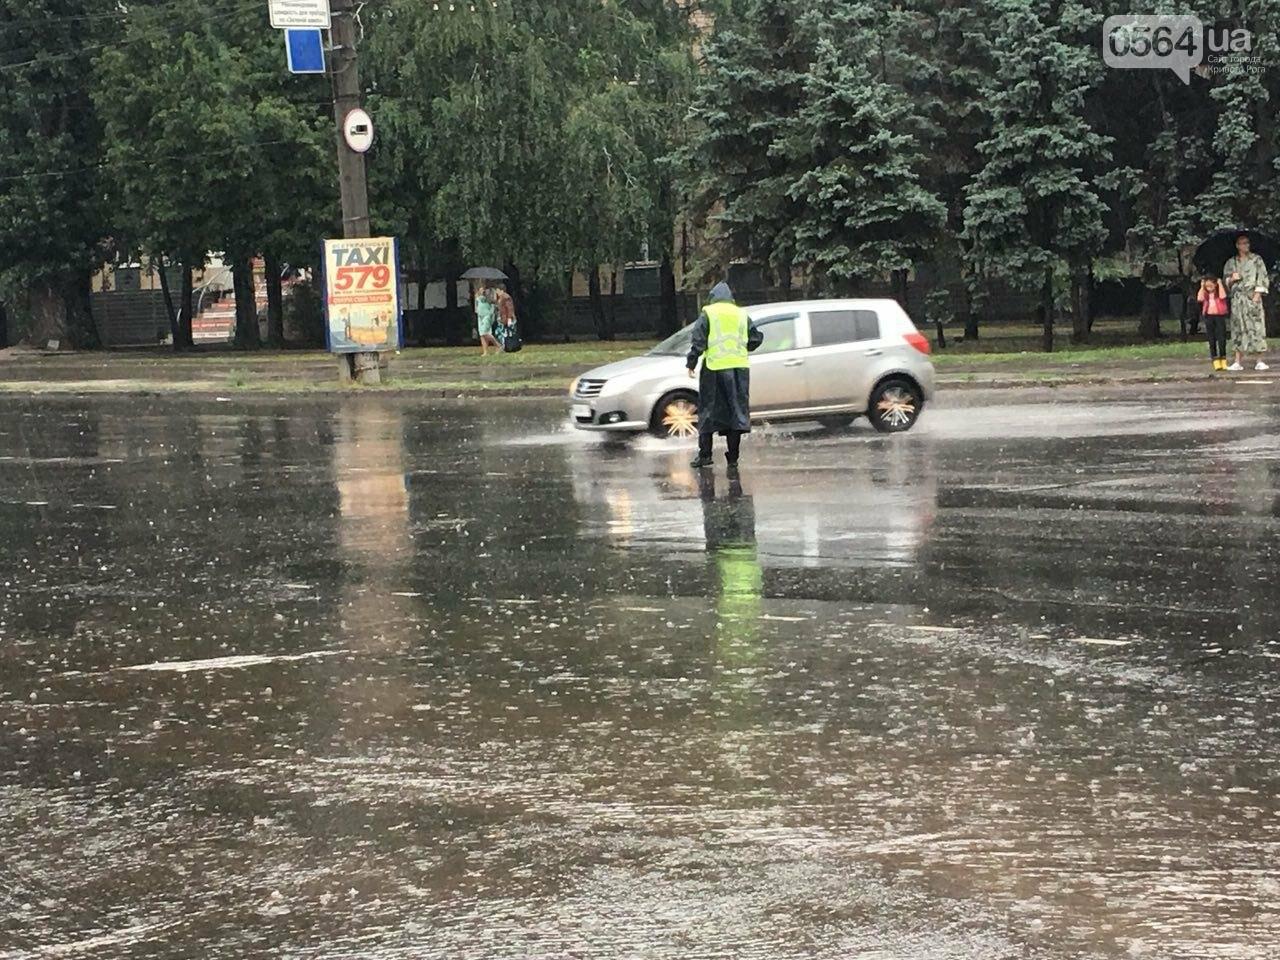 В Кривом Роге под дождем на перекрестке столкнулись иномарка и ВАЗ, - ФОТО, фото-19